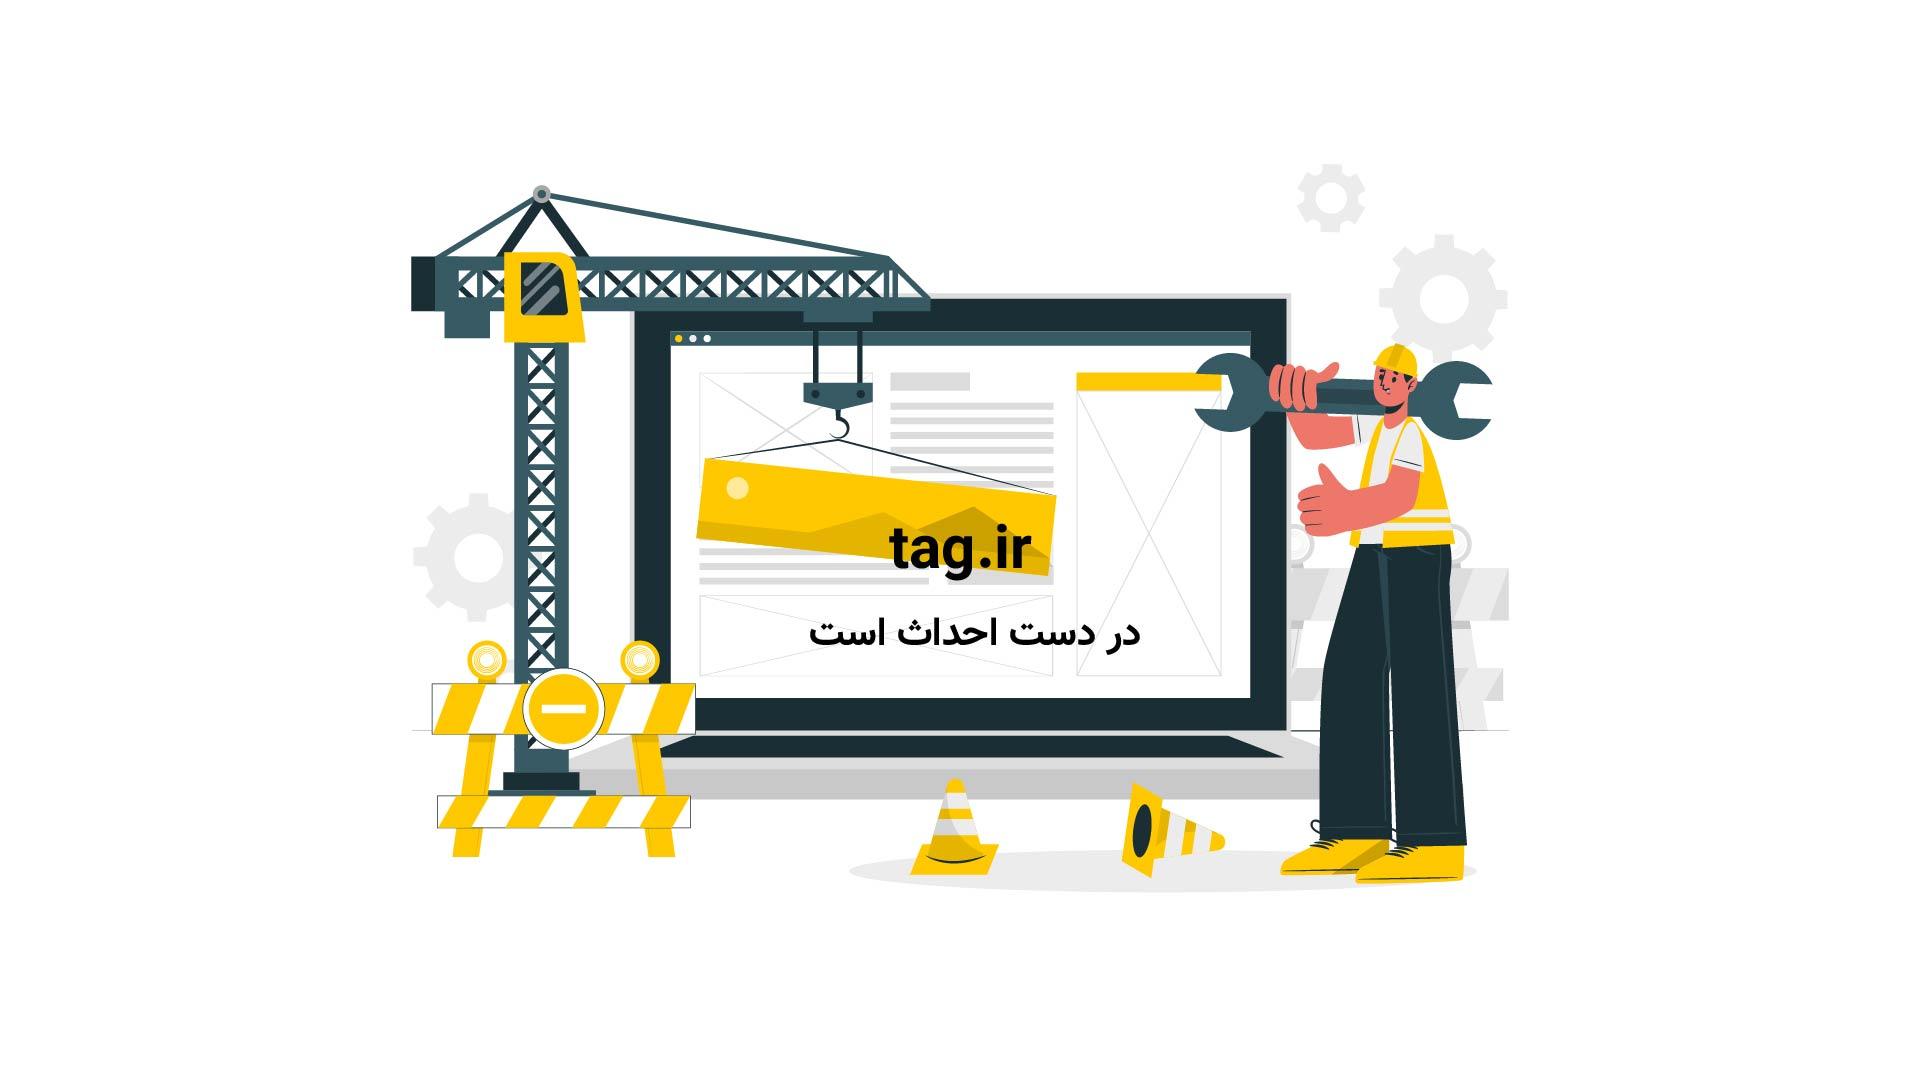 معرفی بازی موبایل پادشاهان دزدان دریایی | فیلم